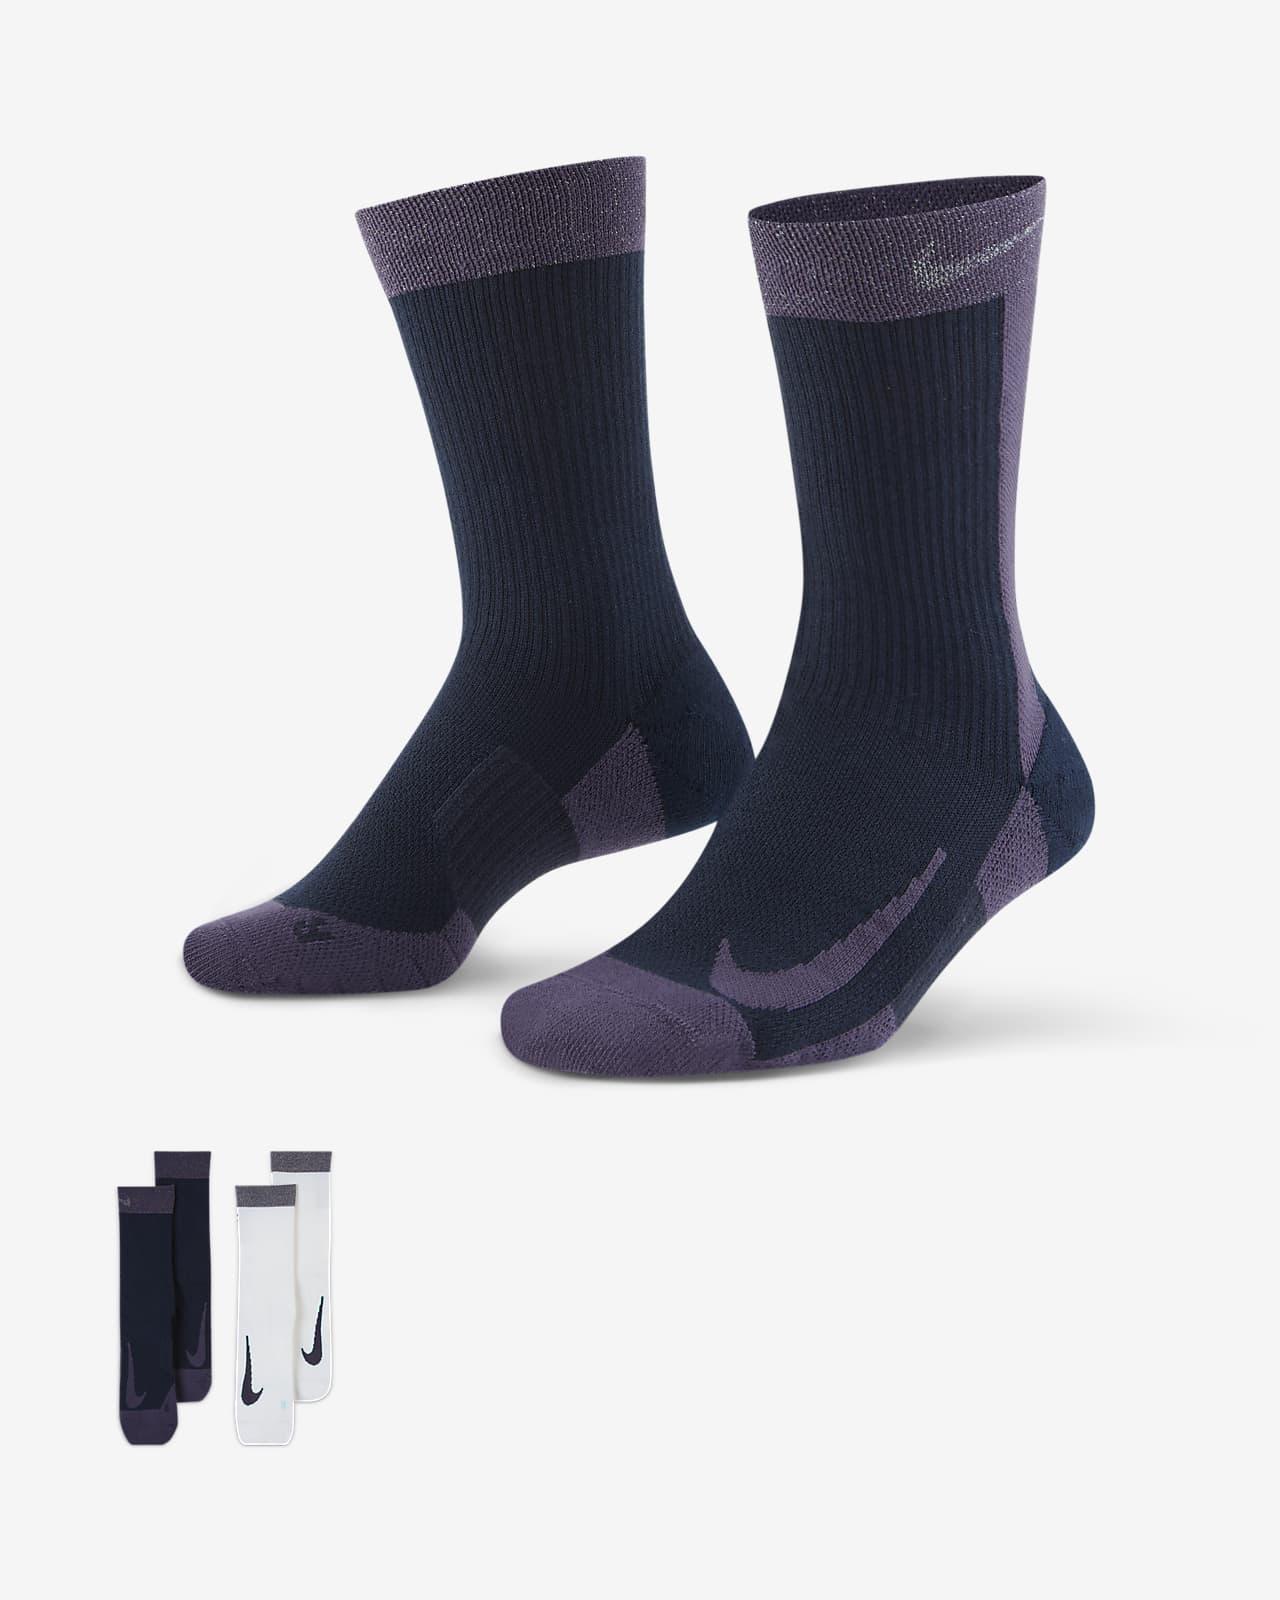 Calcetines largos para tenis NikeCourt Multiplier Max (2 pares)